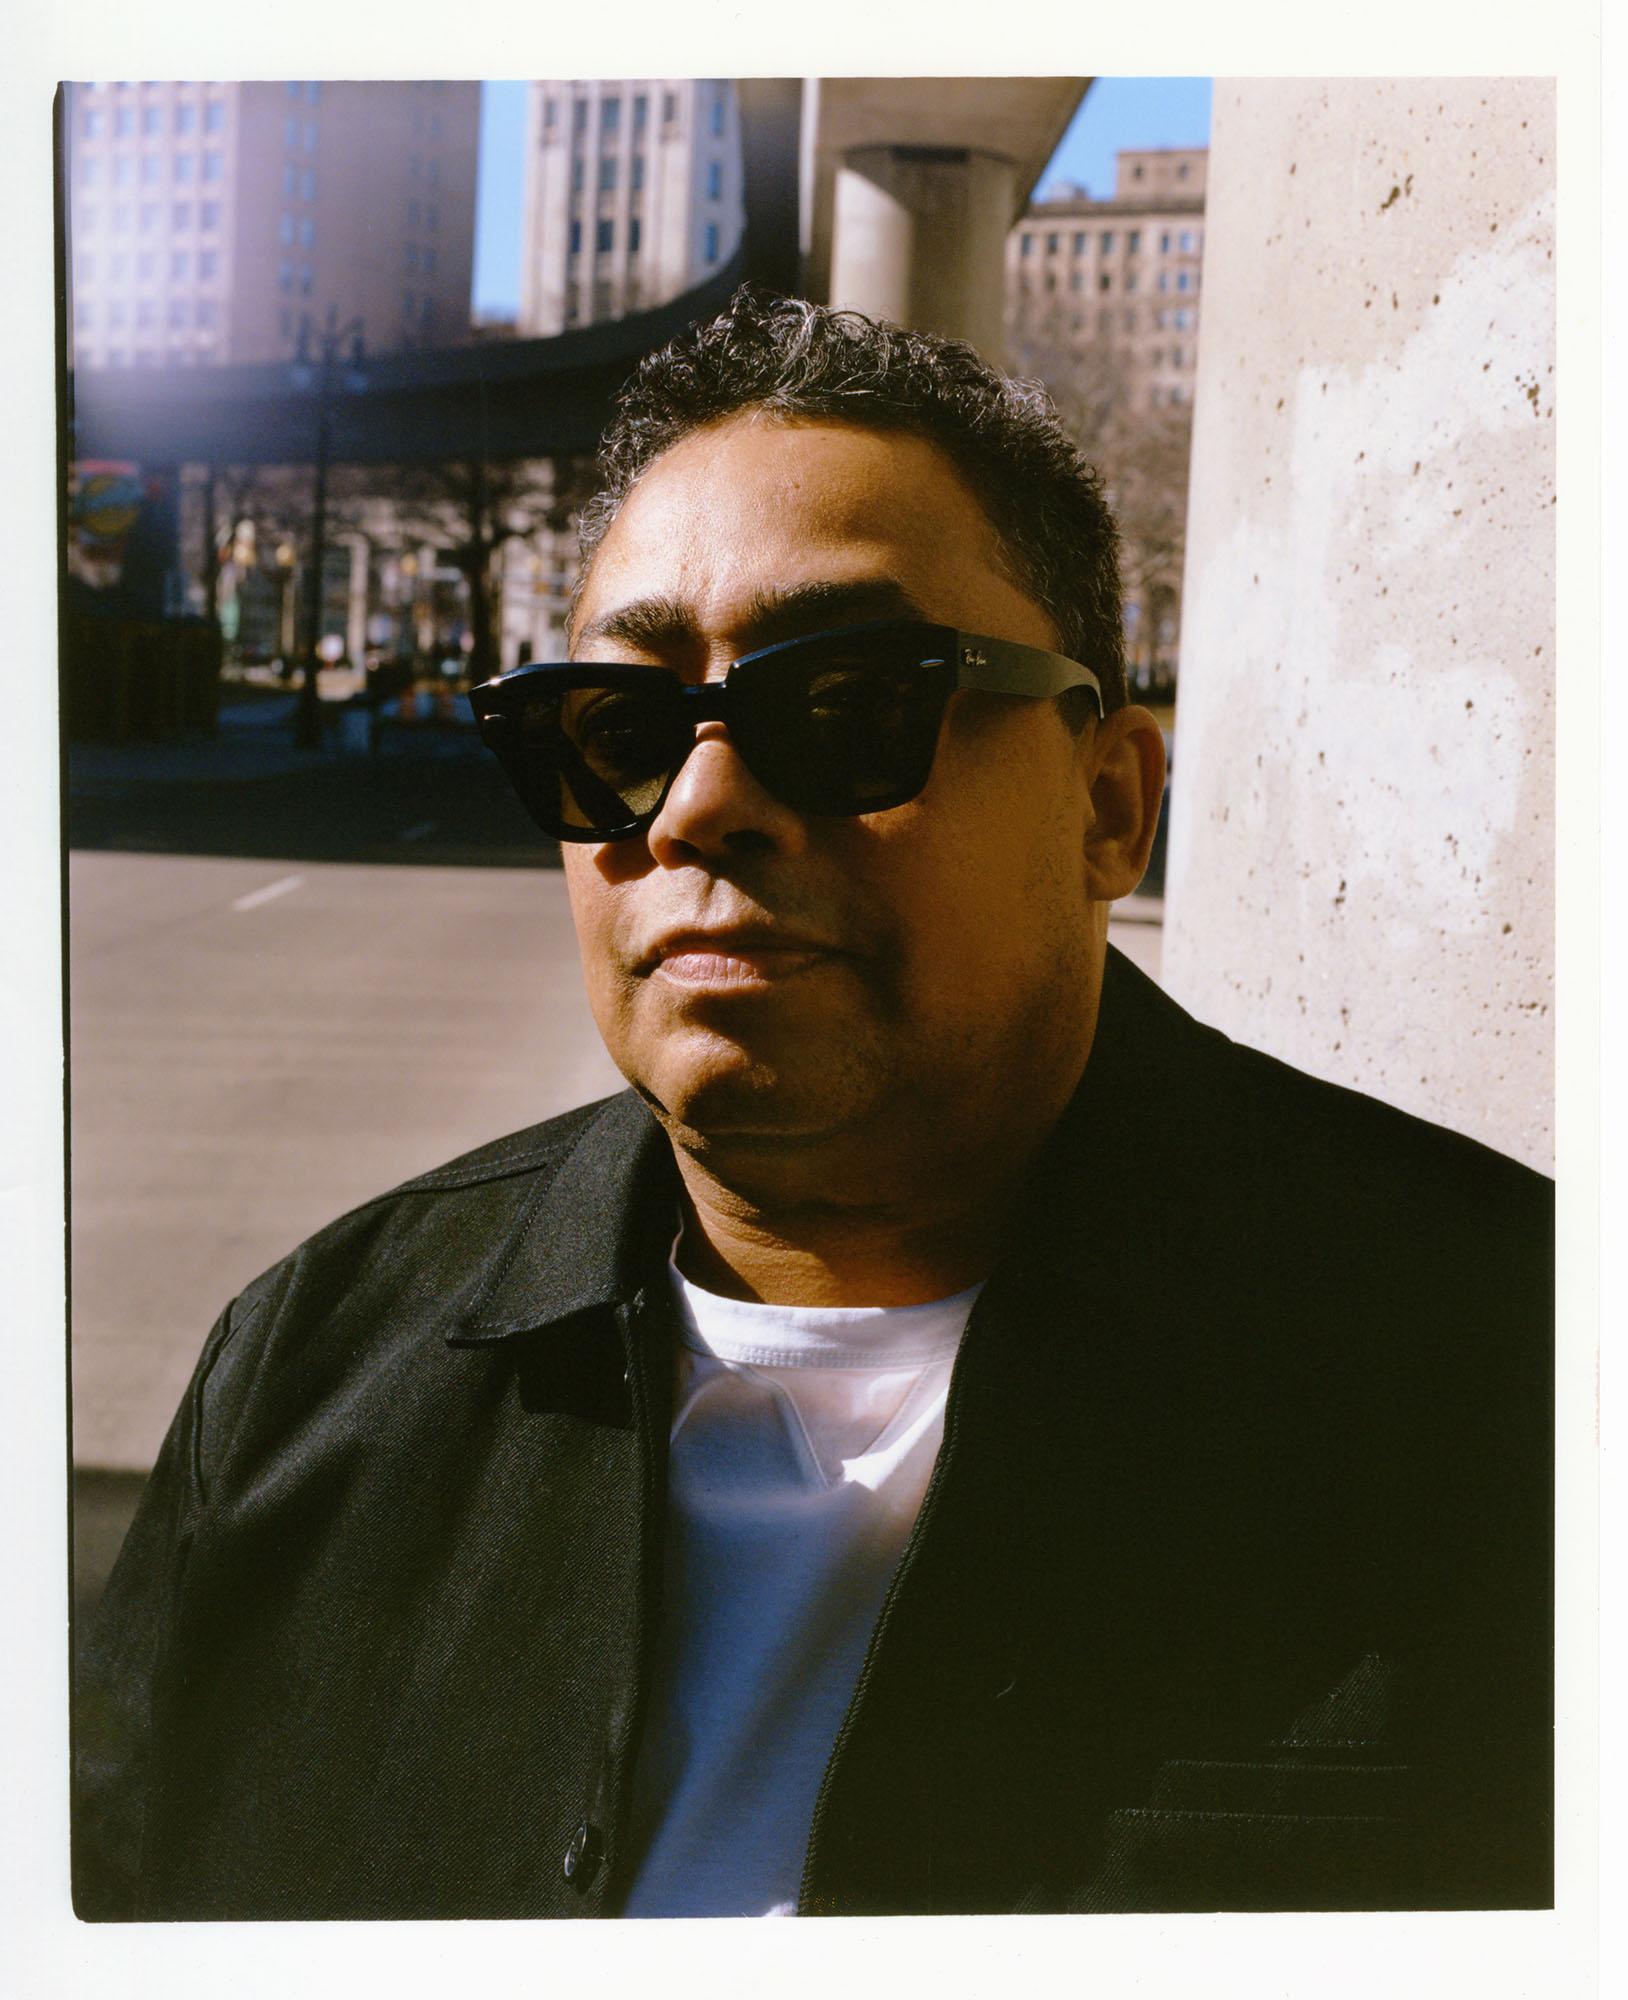 DJ Minx Selects: Delano Smith, DJ and producer at the heart of Detroit techno's origin story